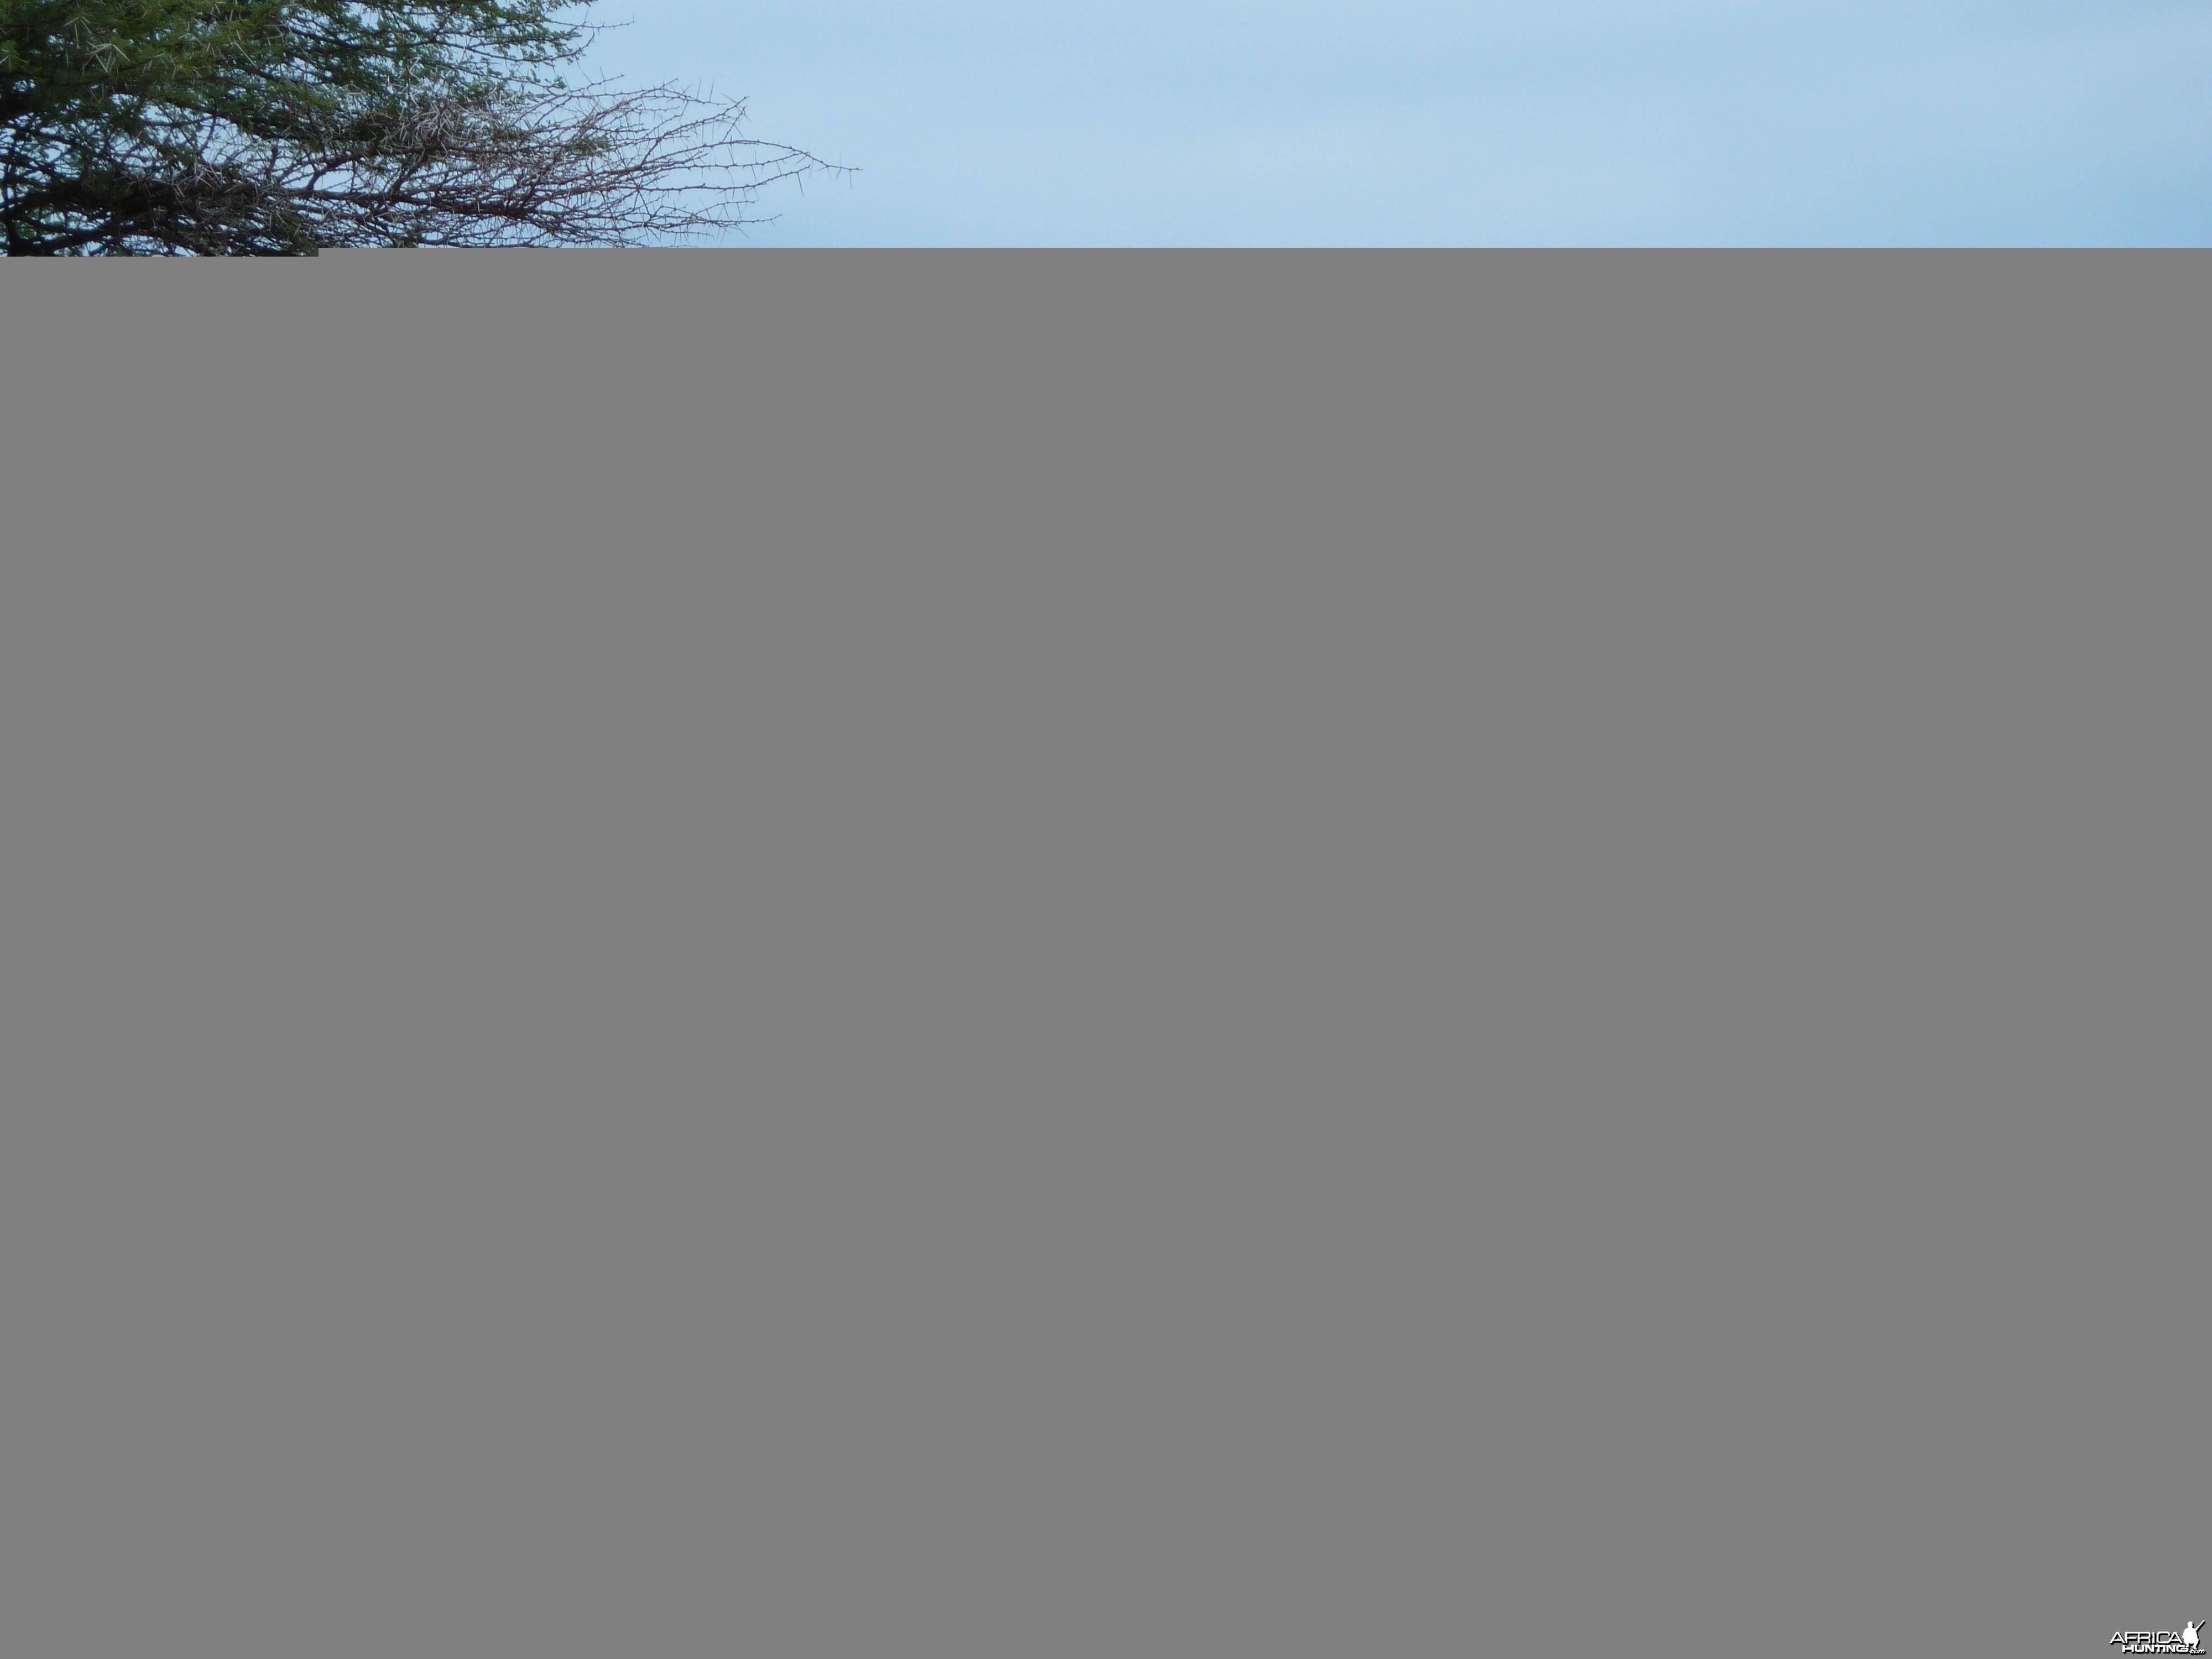 Cape Elands Namibia